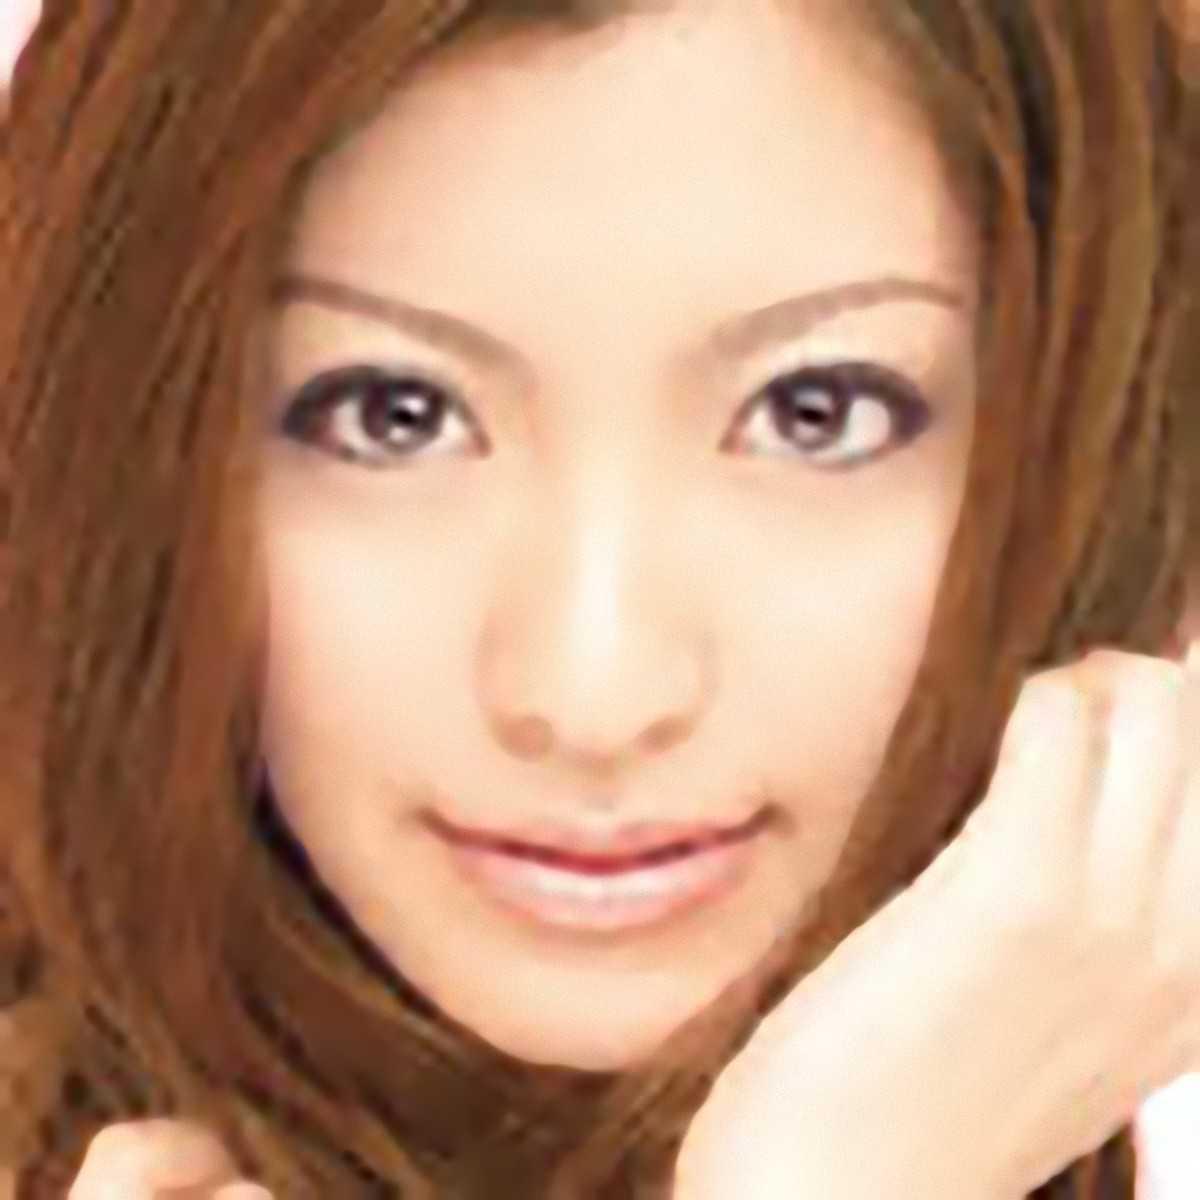 佳苗るかさんのプロフィールと画像集11ページ目 | AV女優画像